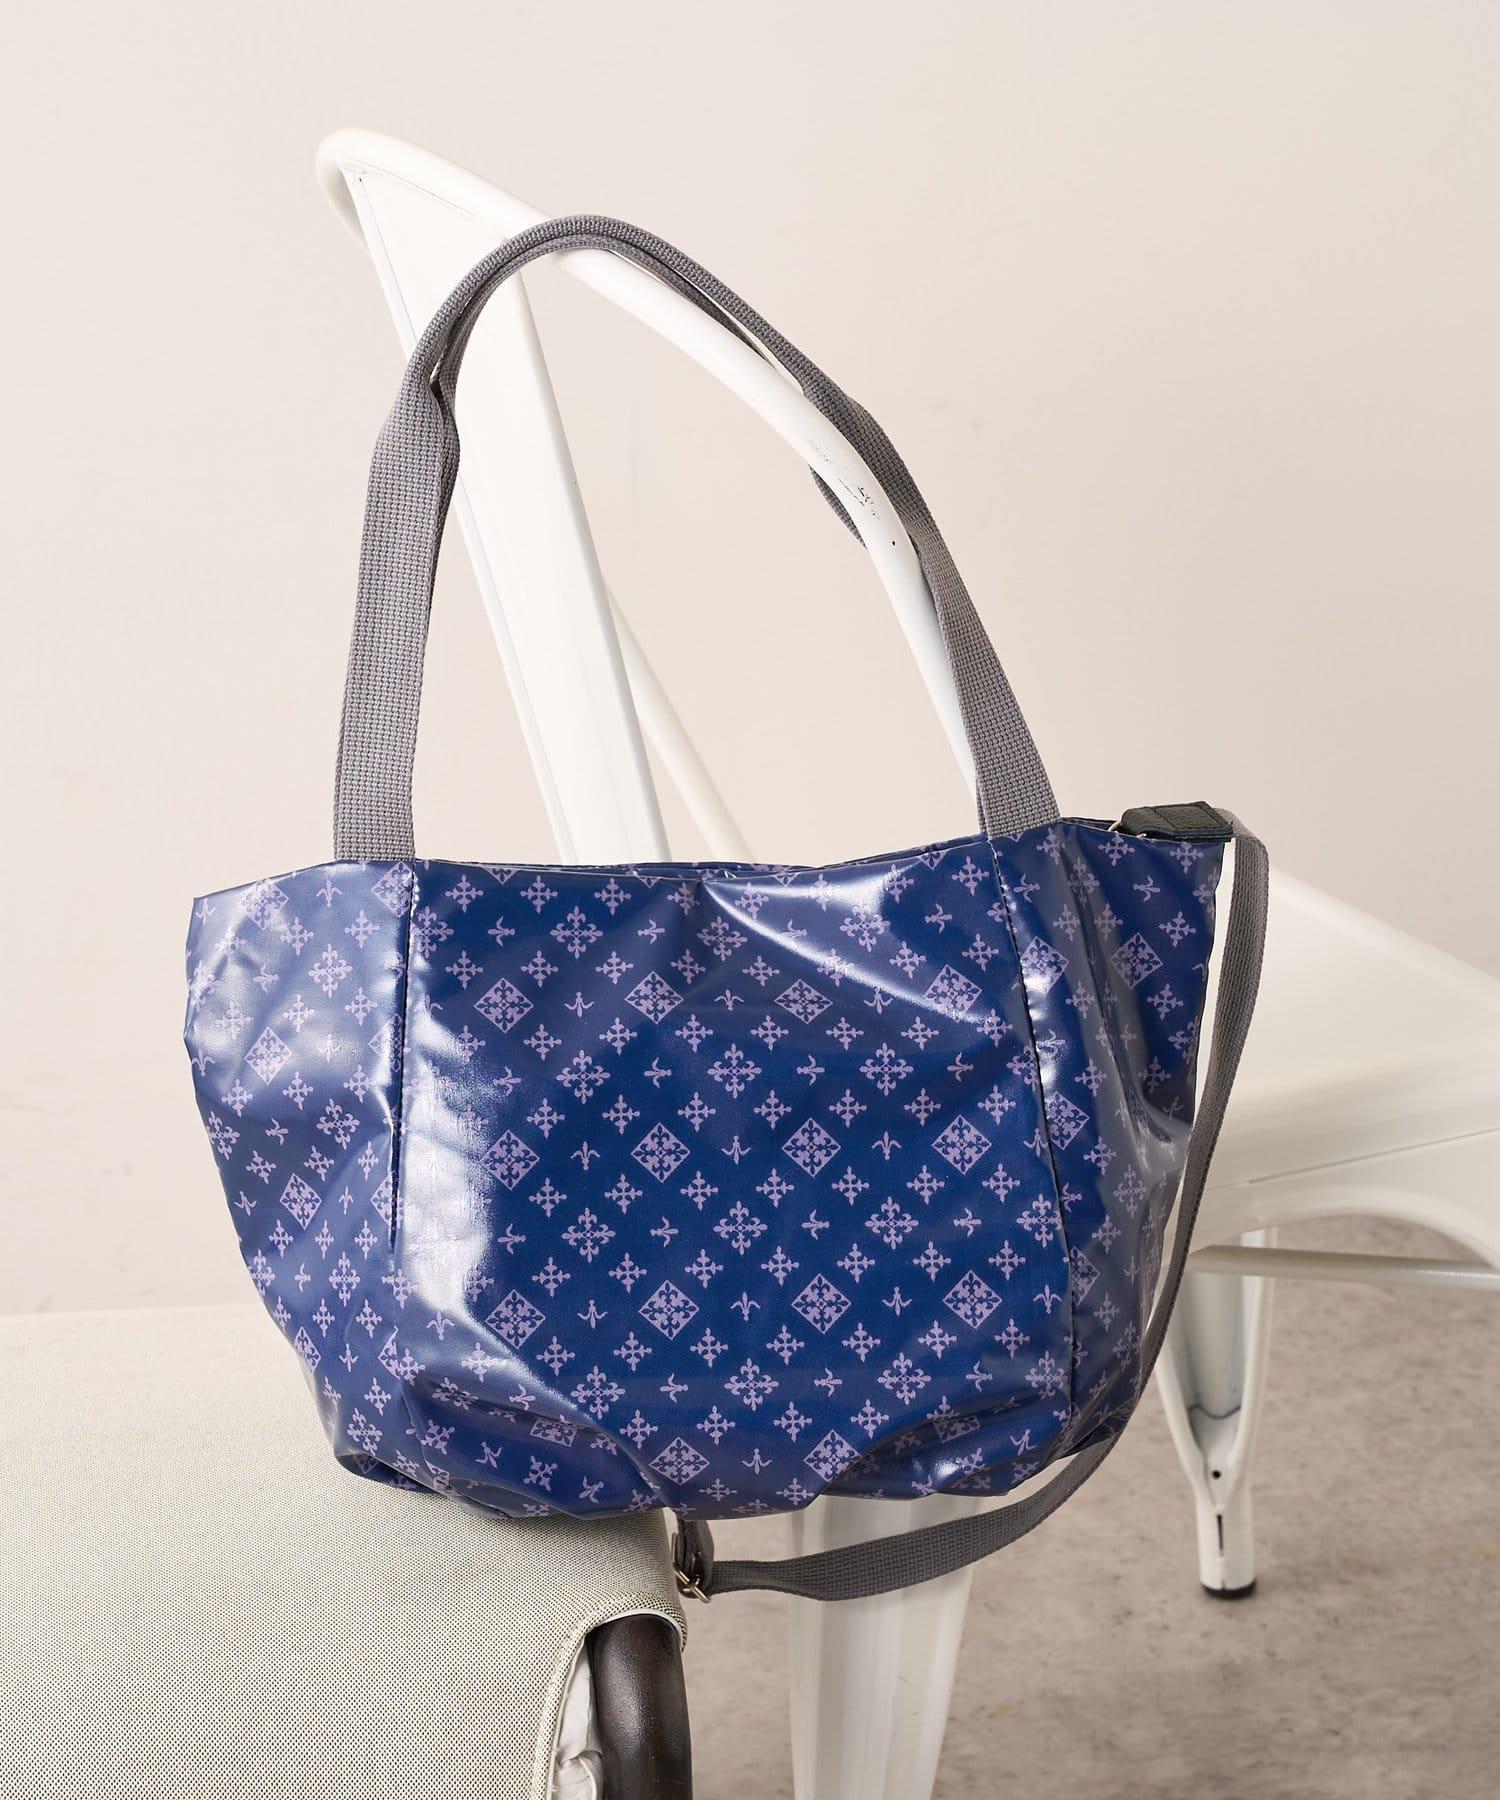 Daily russet(デイリー ラシット) 【撥水&制菌防臭】パルクロ限定 つるつる2wayトートバッグ